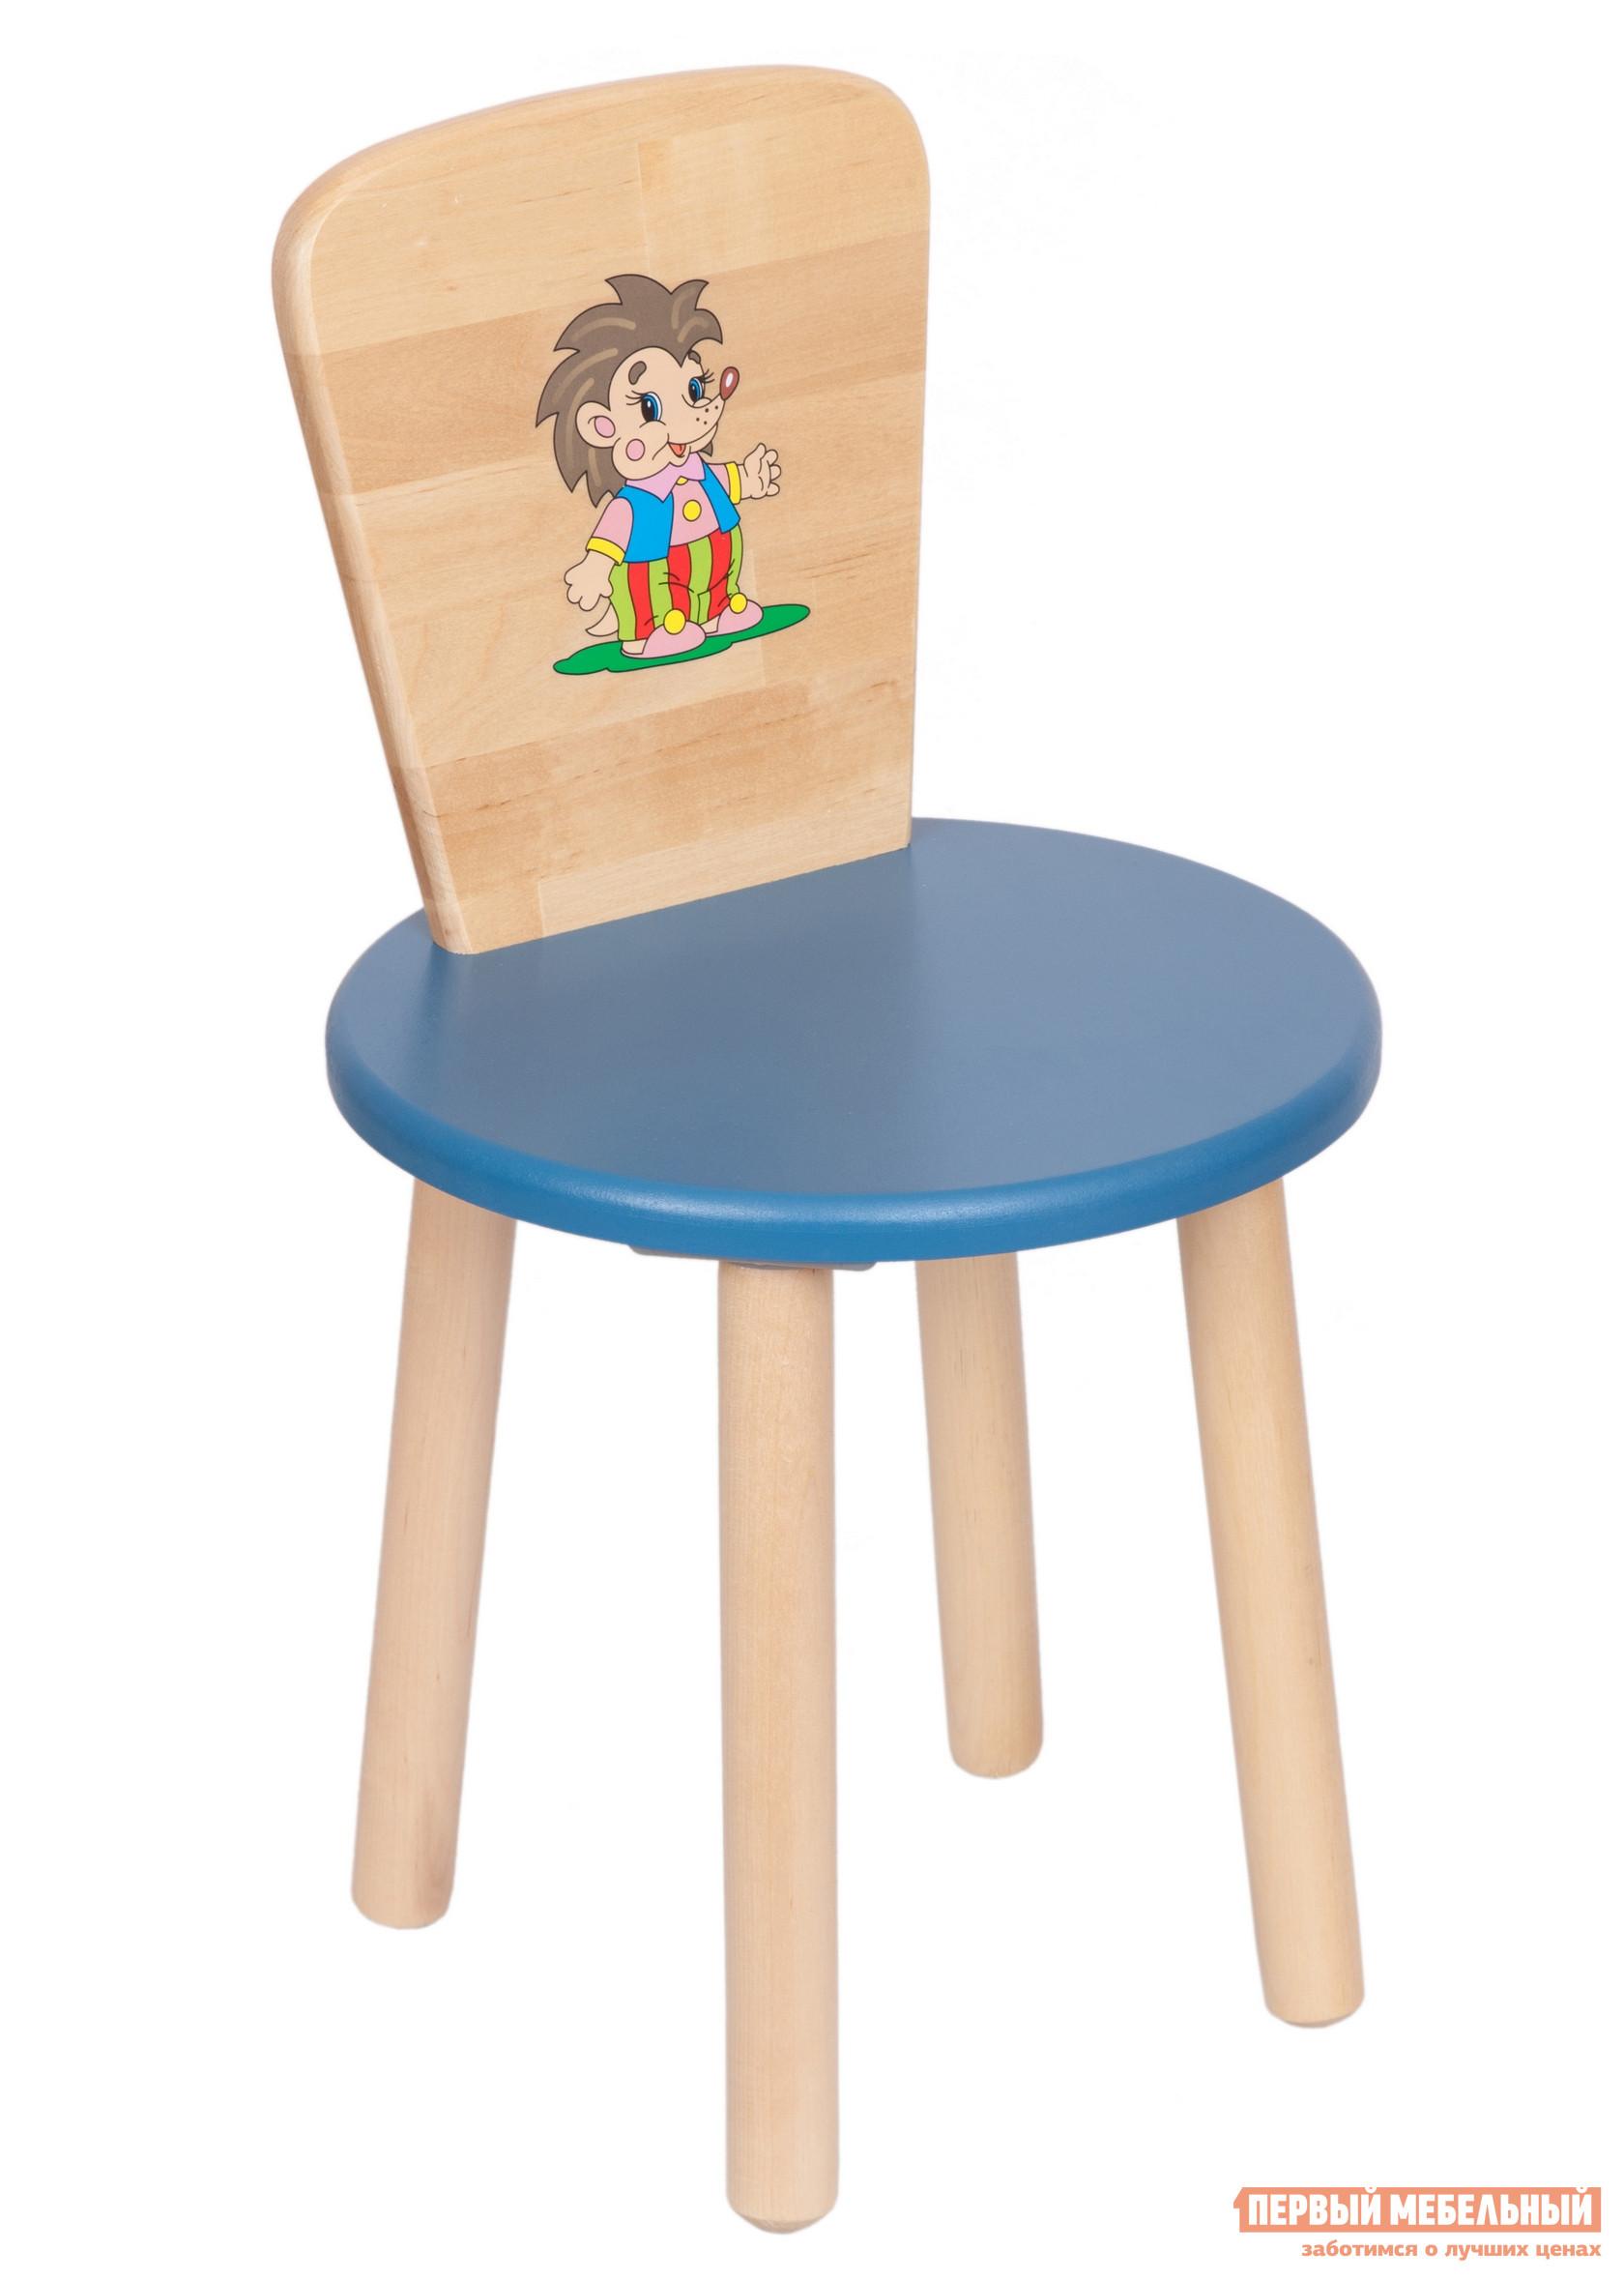 Столик и стульчик РусЭкоМебель Стул Круглый ЭКО Эко синий, рис. Ежик